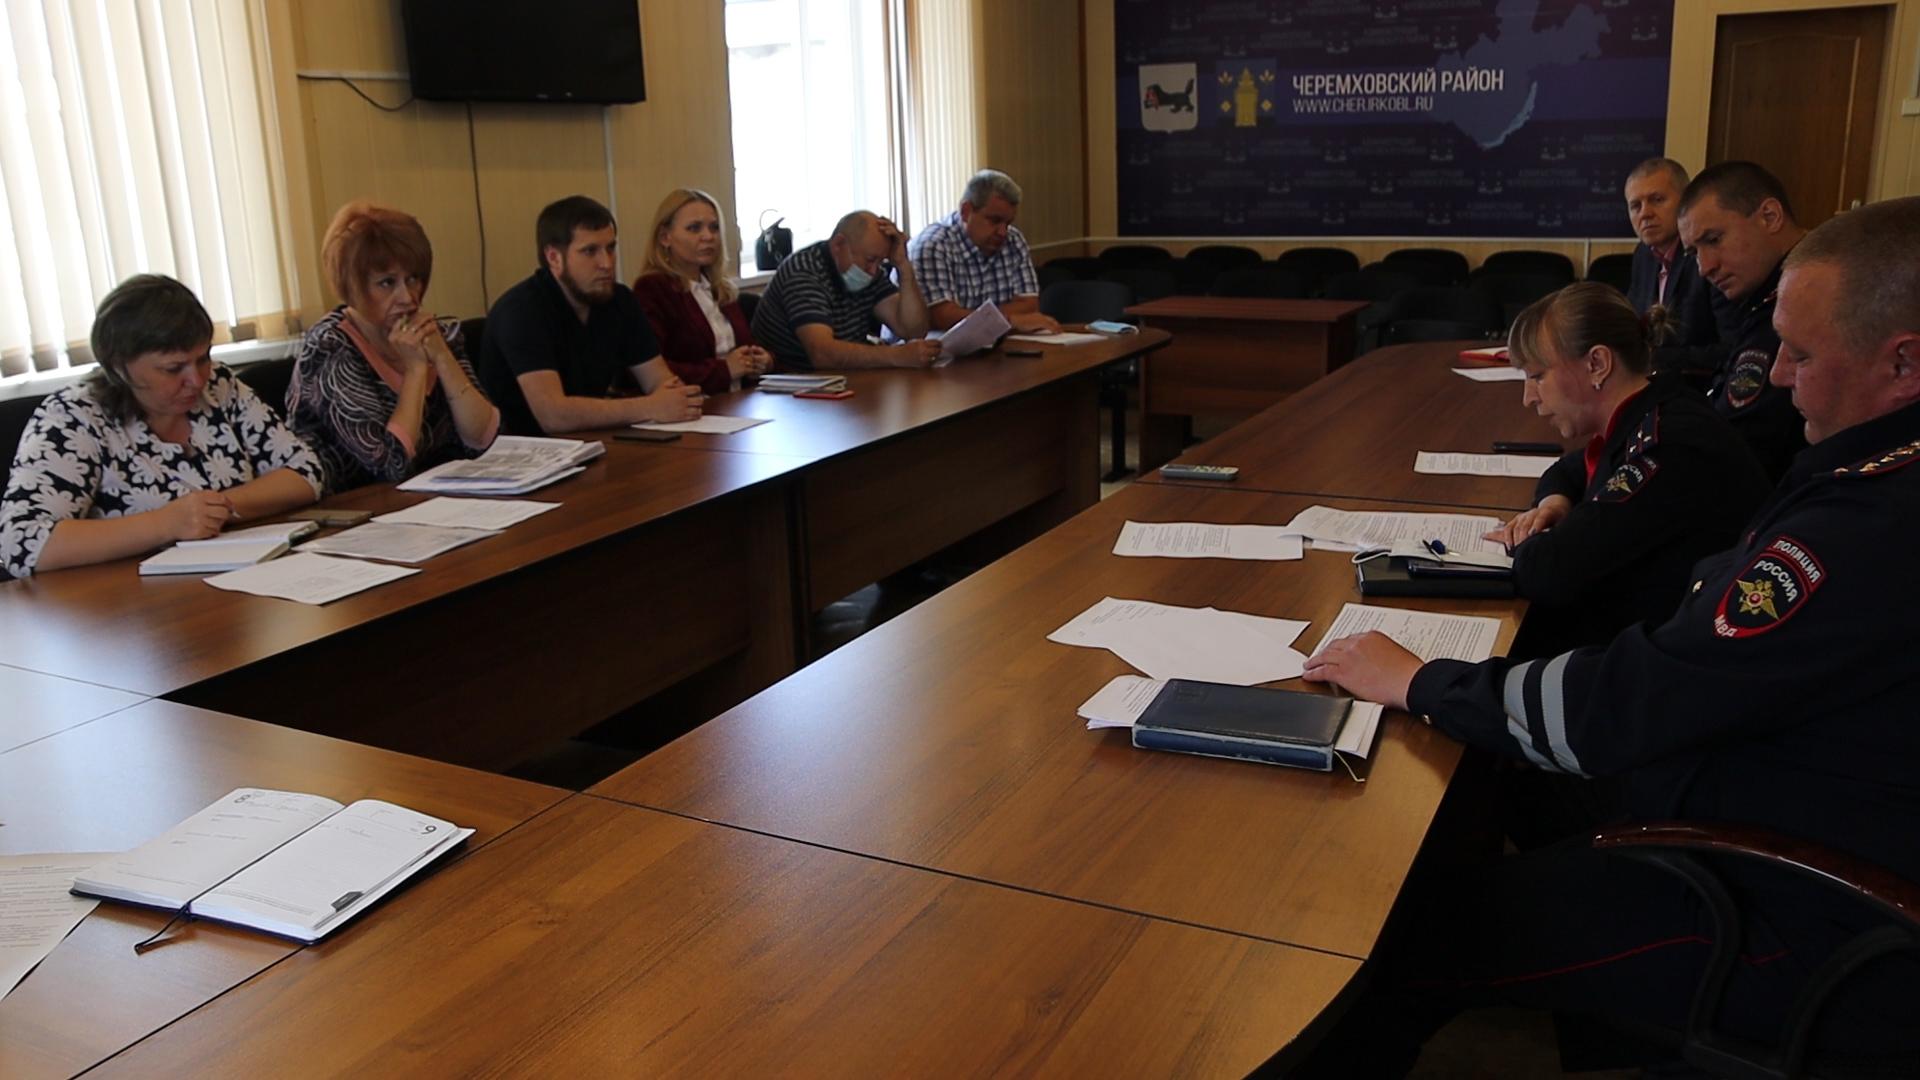 Восьмого июня в администрации Черемховского района состоялось заседание комиссии по обеспечению безопасности дорожного движения